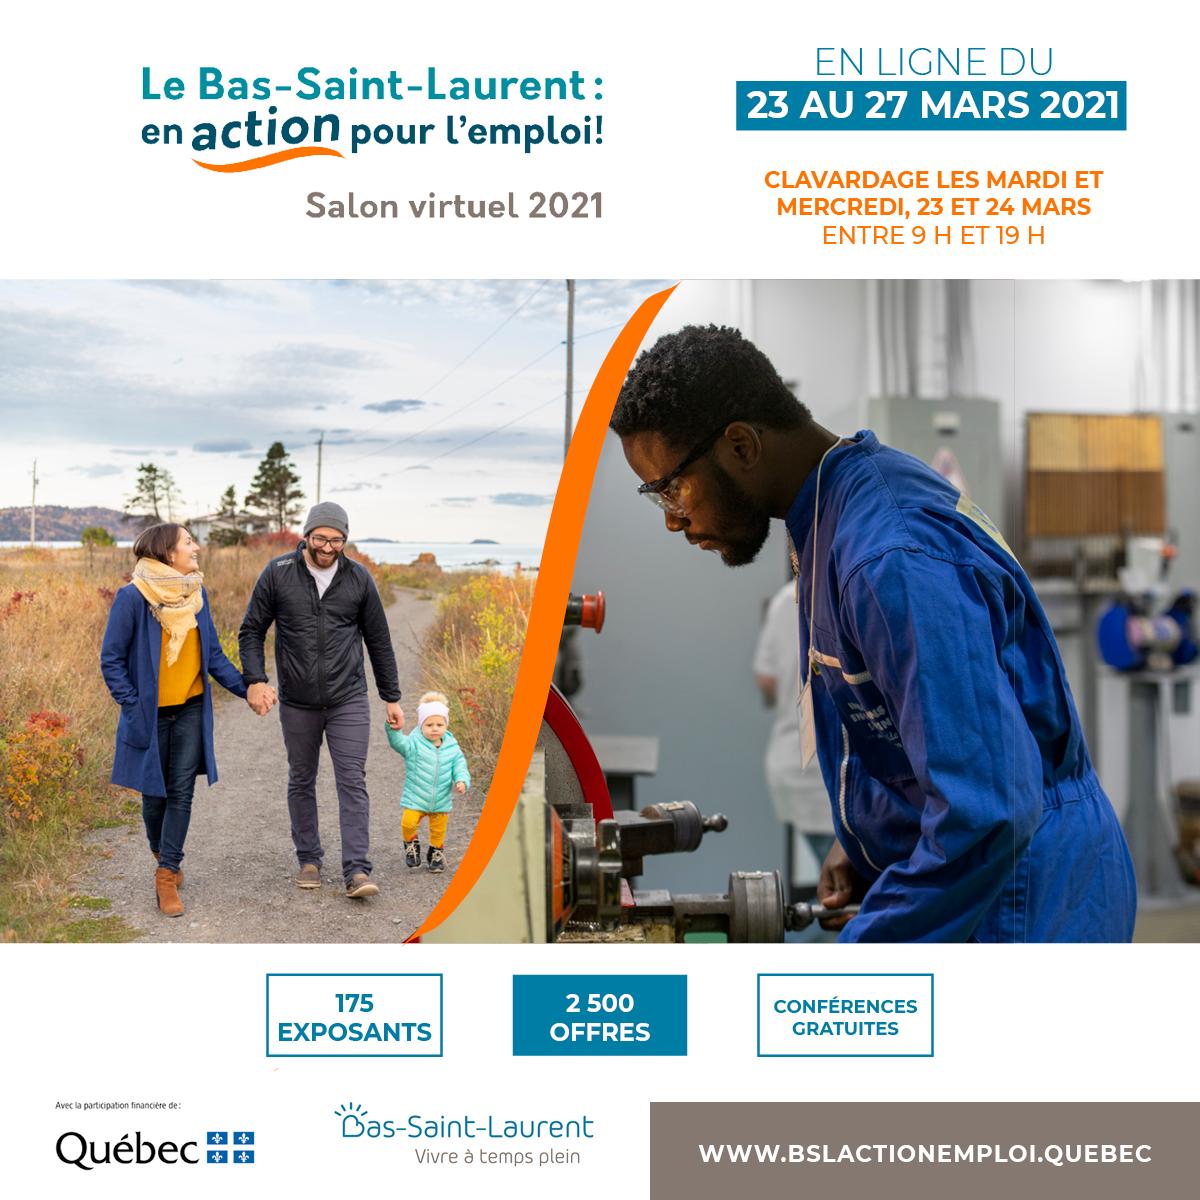 Bas St-Laurent Emploi